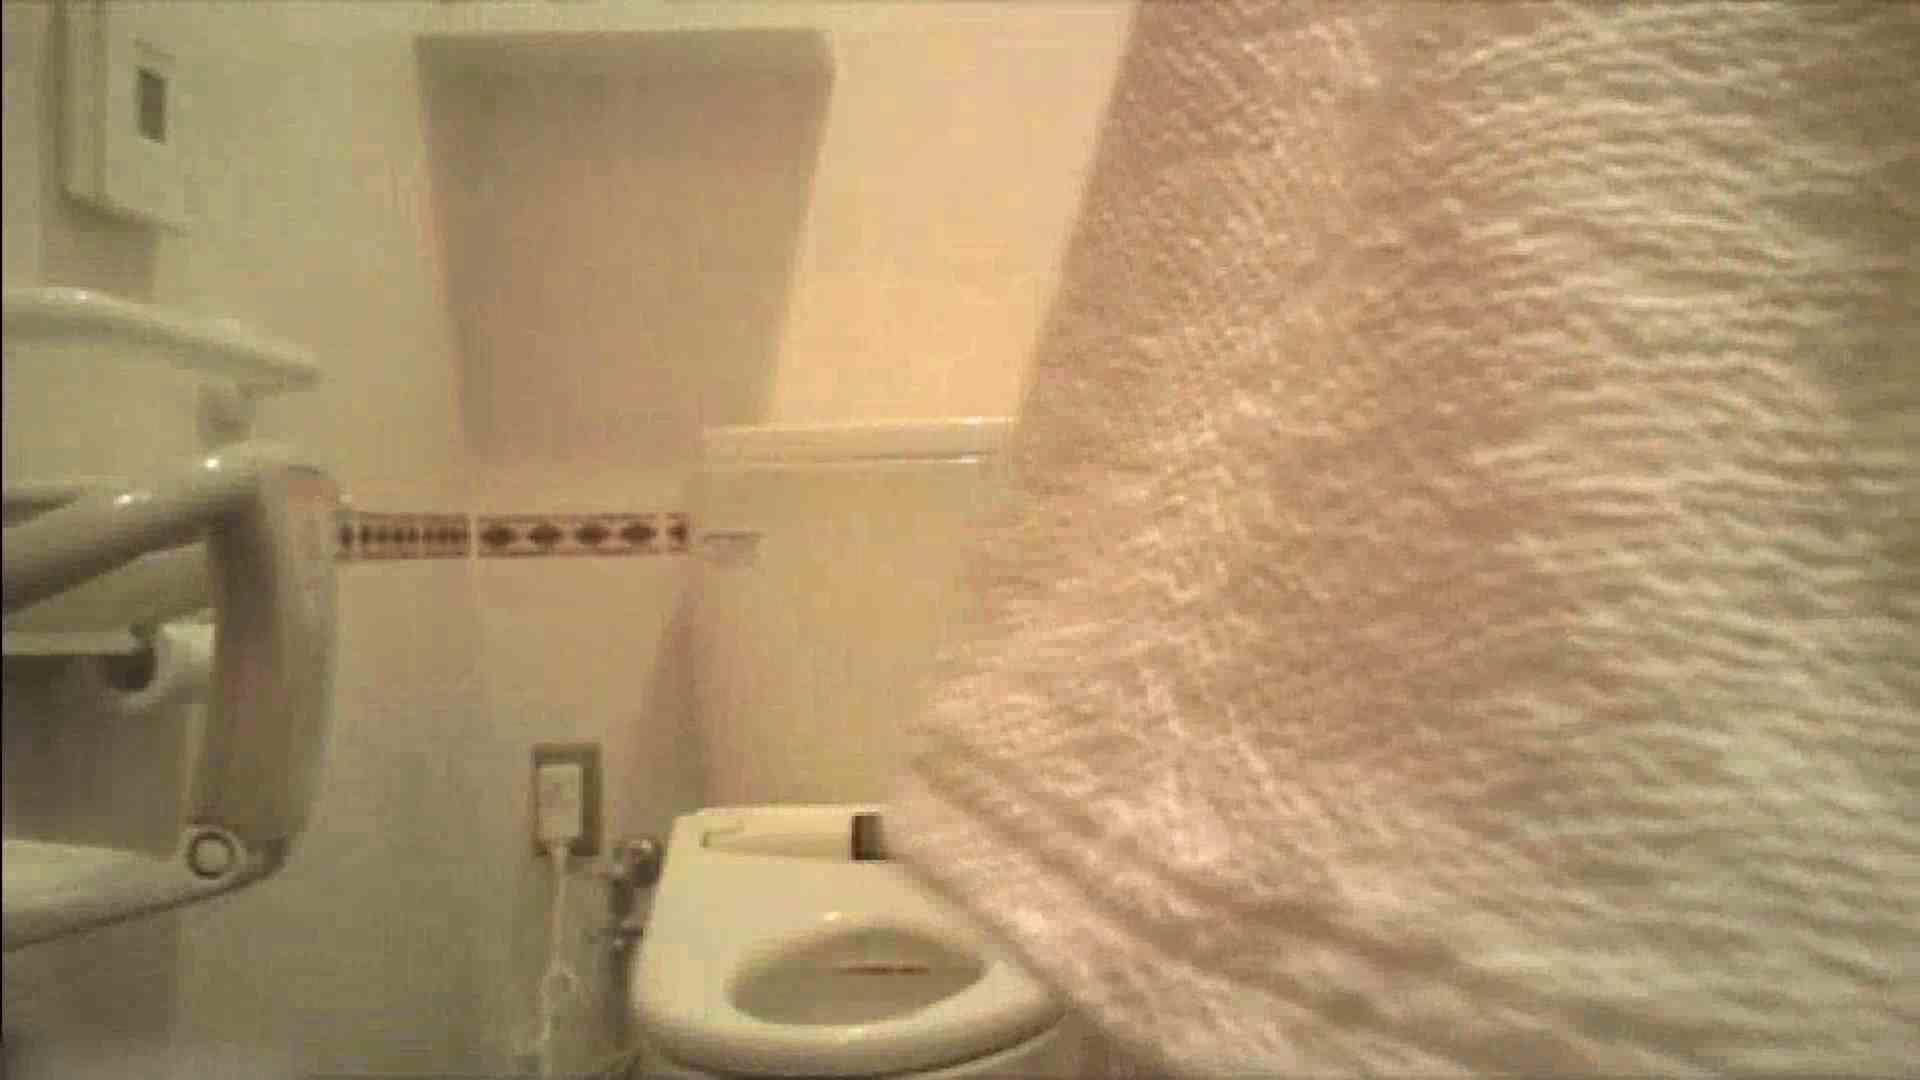 実録!!綺麗なお姉さんのトイレ事情・・・。vol.18 OLの実態 | お姉さん  70pic 46